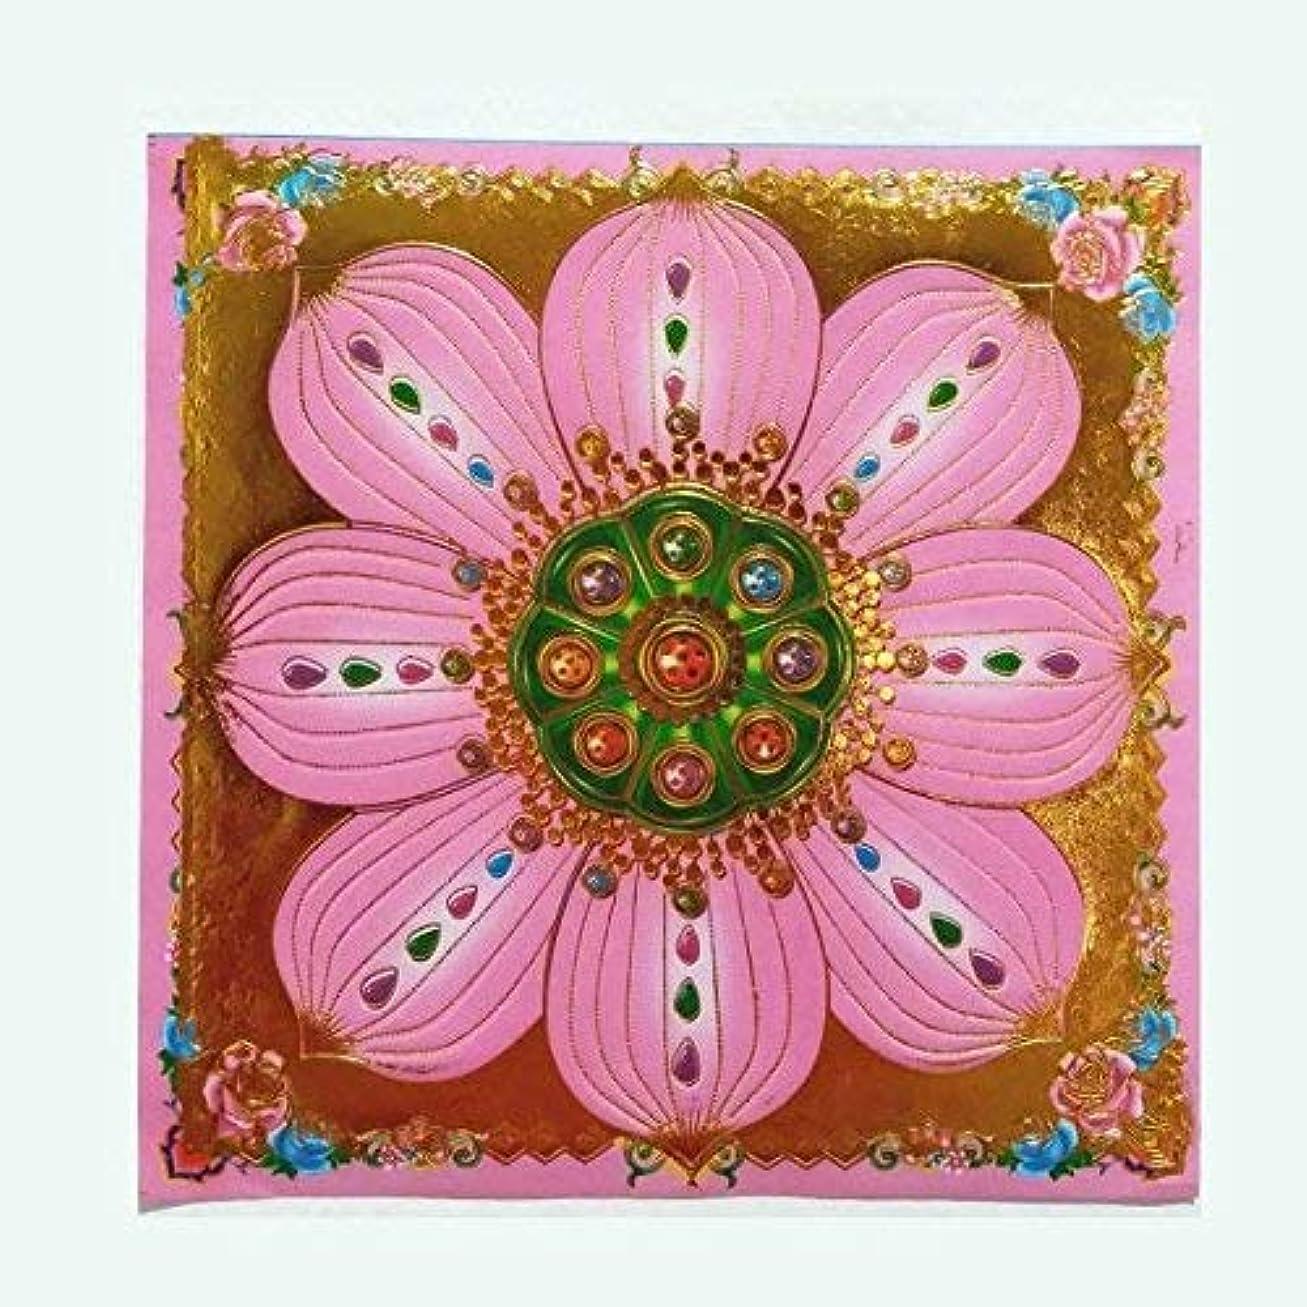 美的貢献する食べる40pcs Incense用紙/ Joss用紙ハイグレードカラフルwithゴールドの箔Sサイズの祖先Praying 7.5インチx 7.5インチ(ピンク)